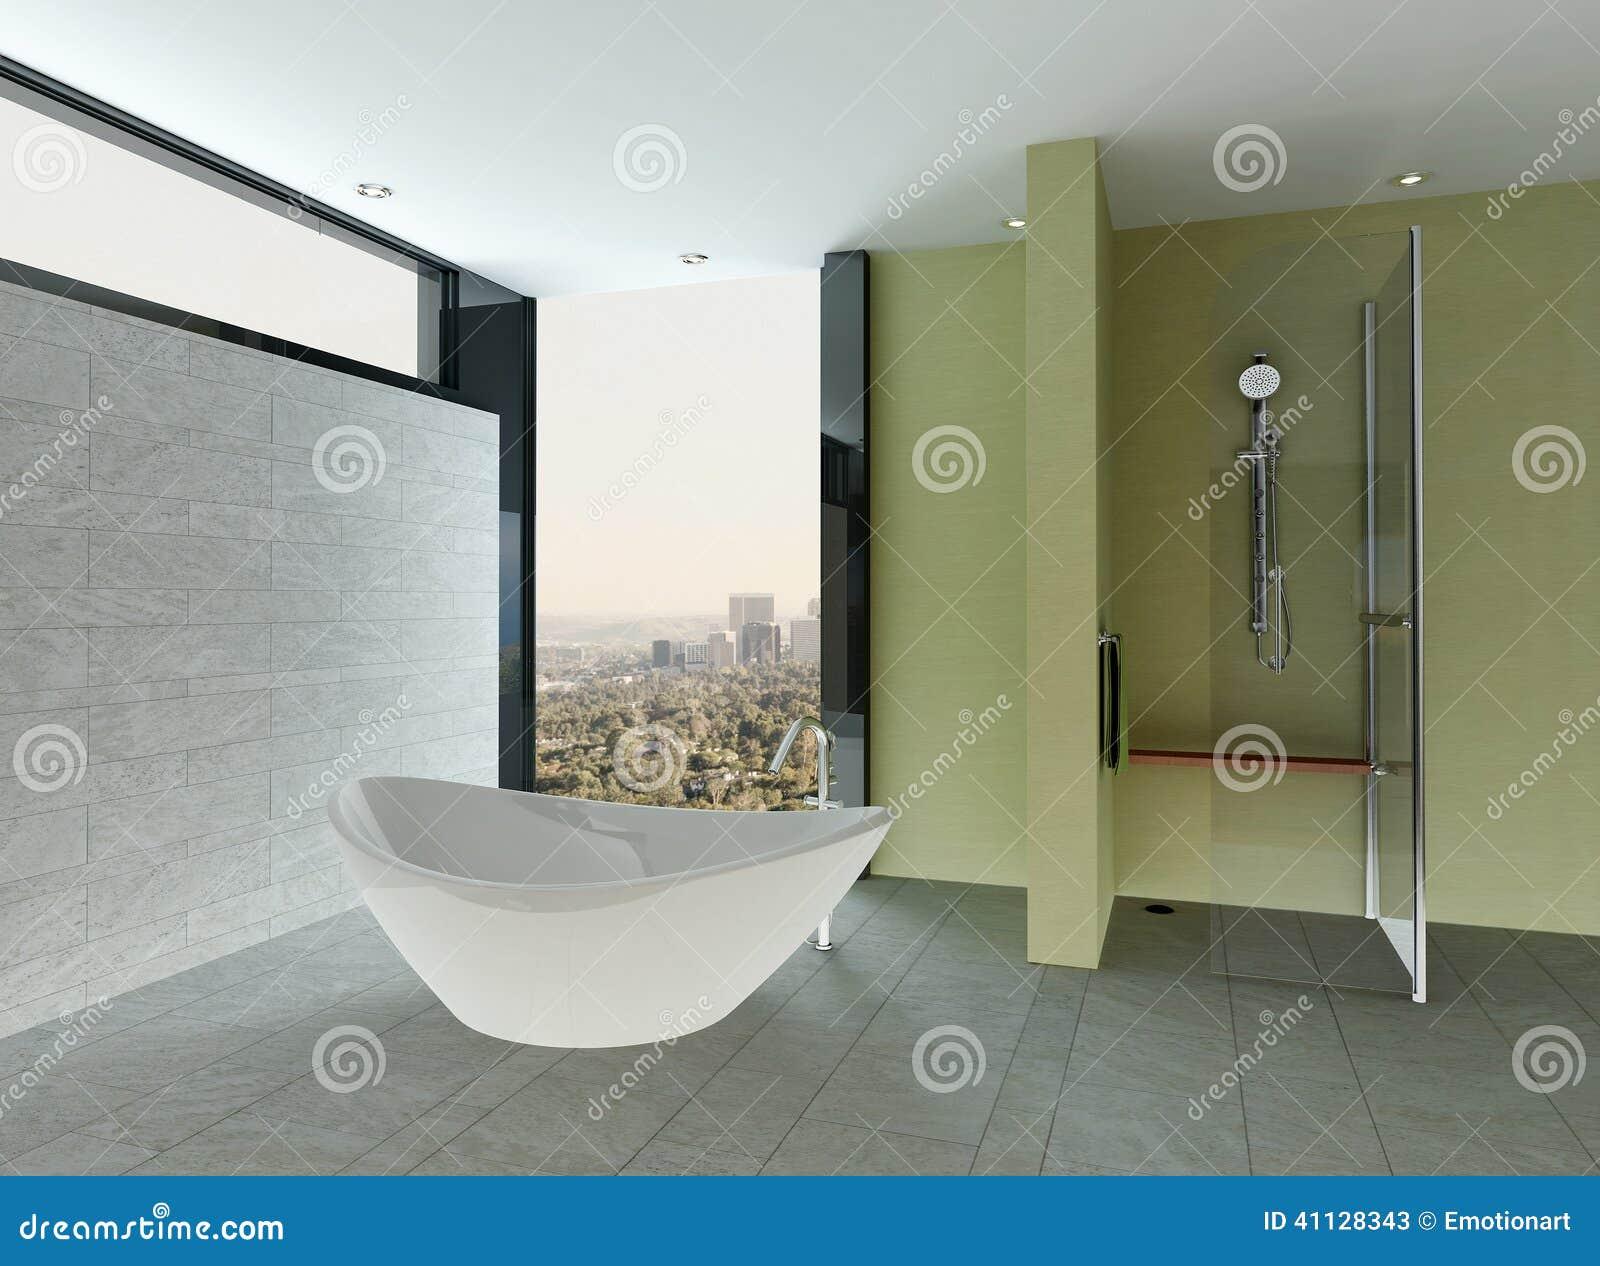 Schoon badkamersbinnenland met betegelde muur en vloer en badkuip